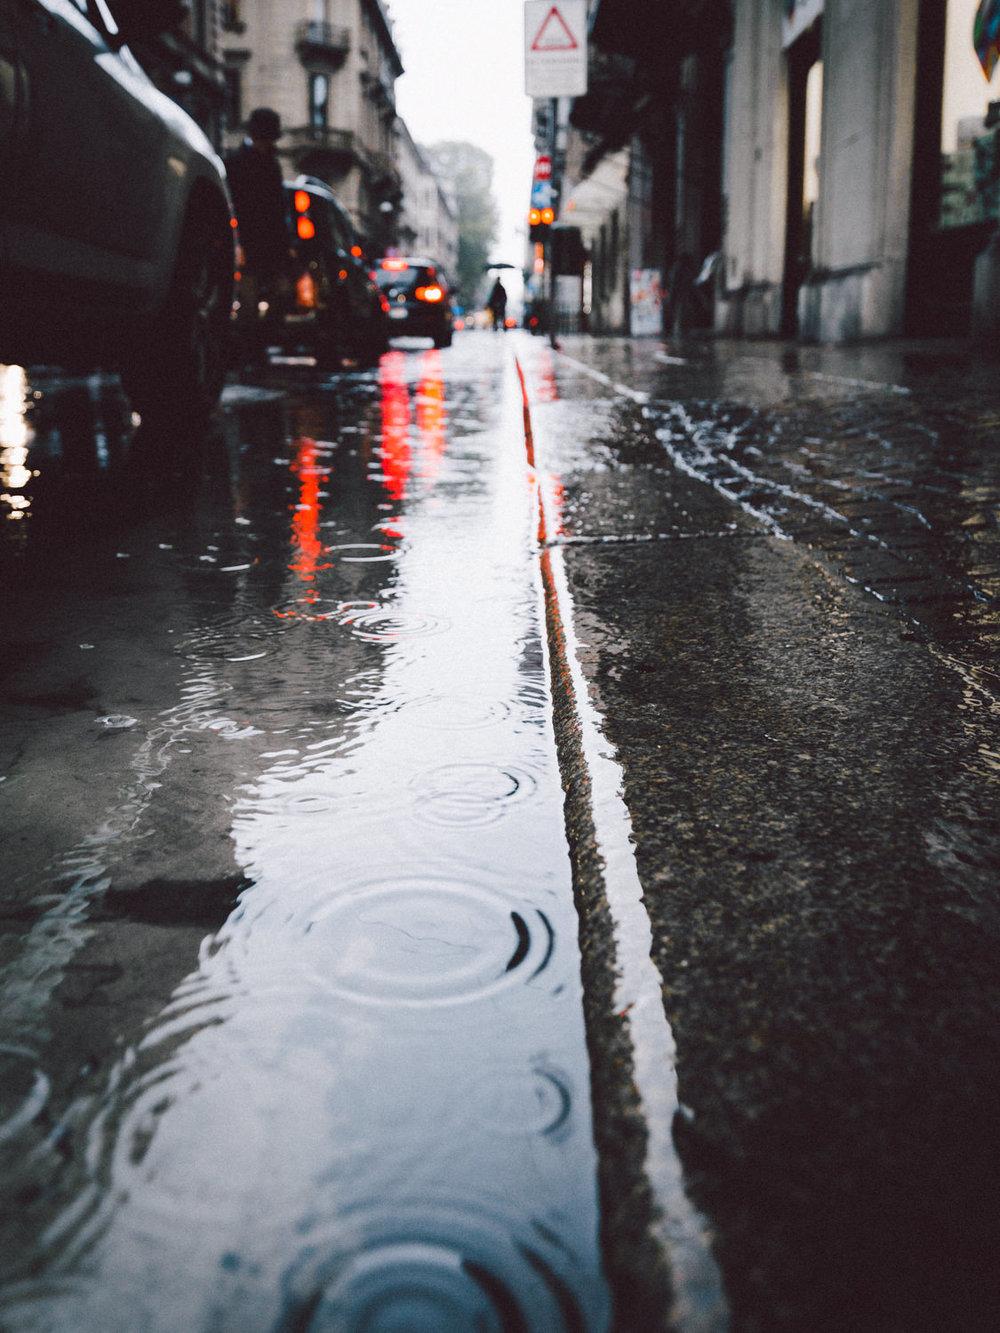 Scorcio urbano sotto la pioggia a Torino